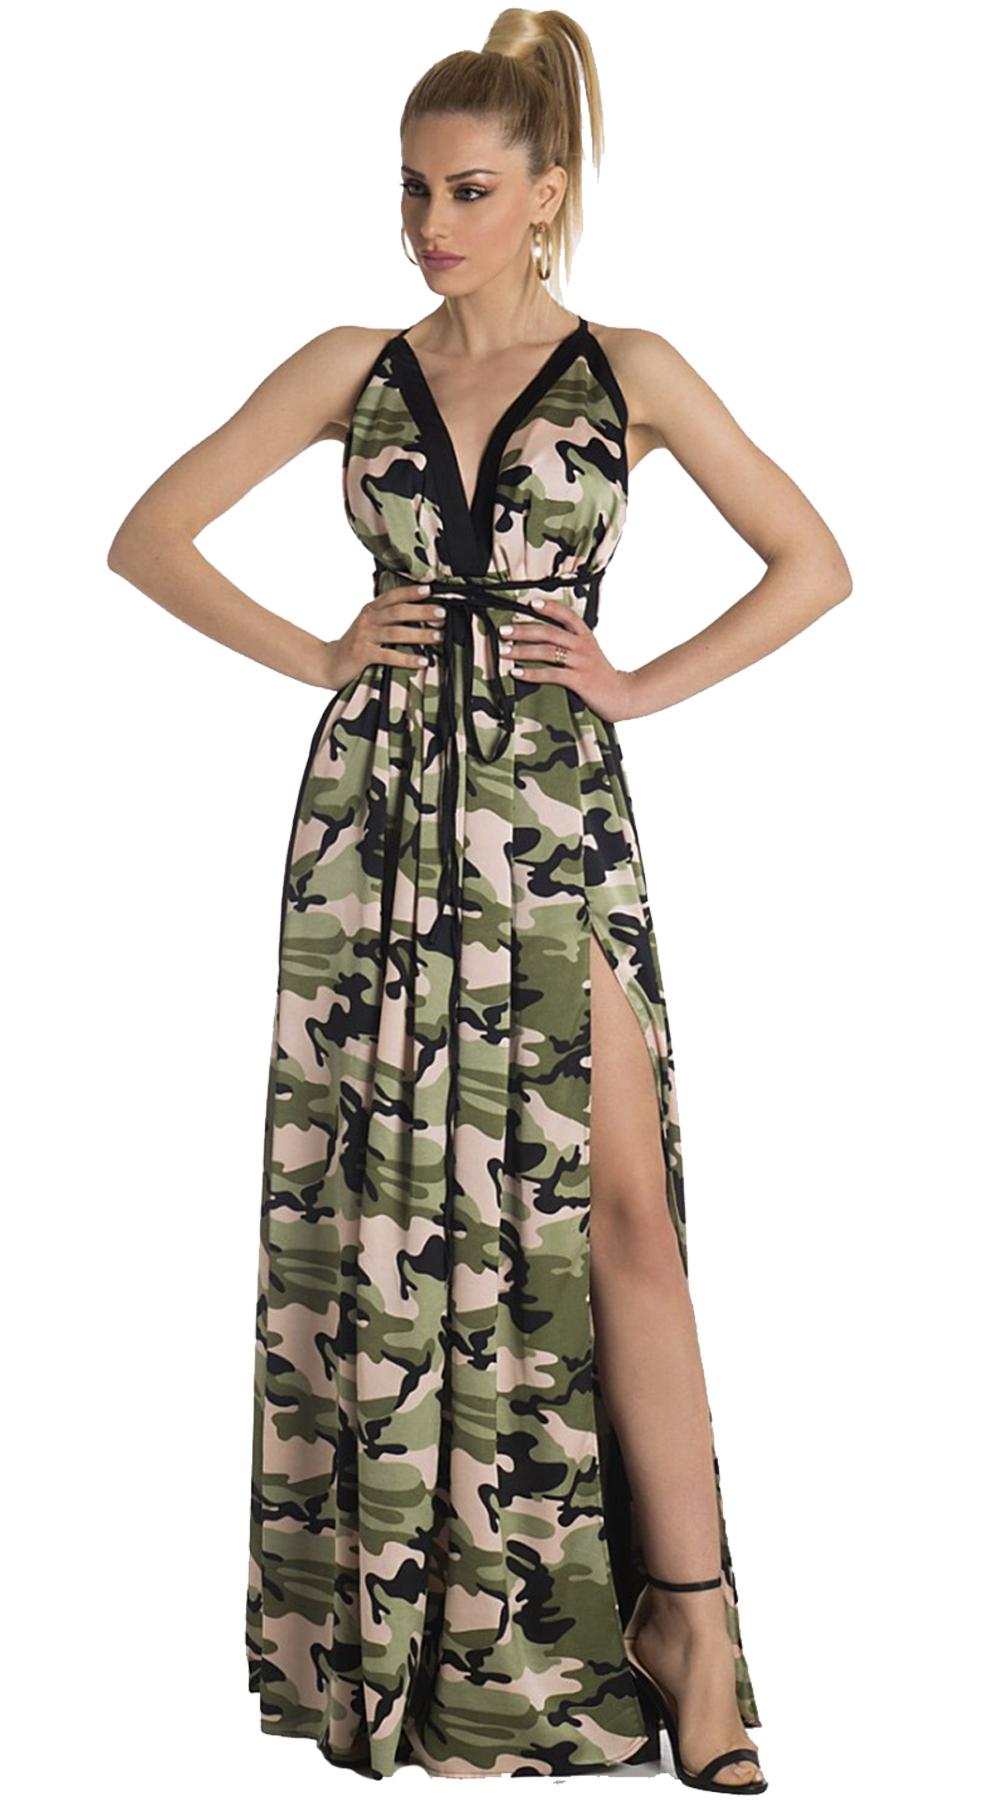 e8dd9680993 ONLINE - Γυναικεία Φορέματα - Miss Reina | Outfit.gr